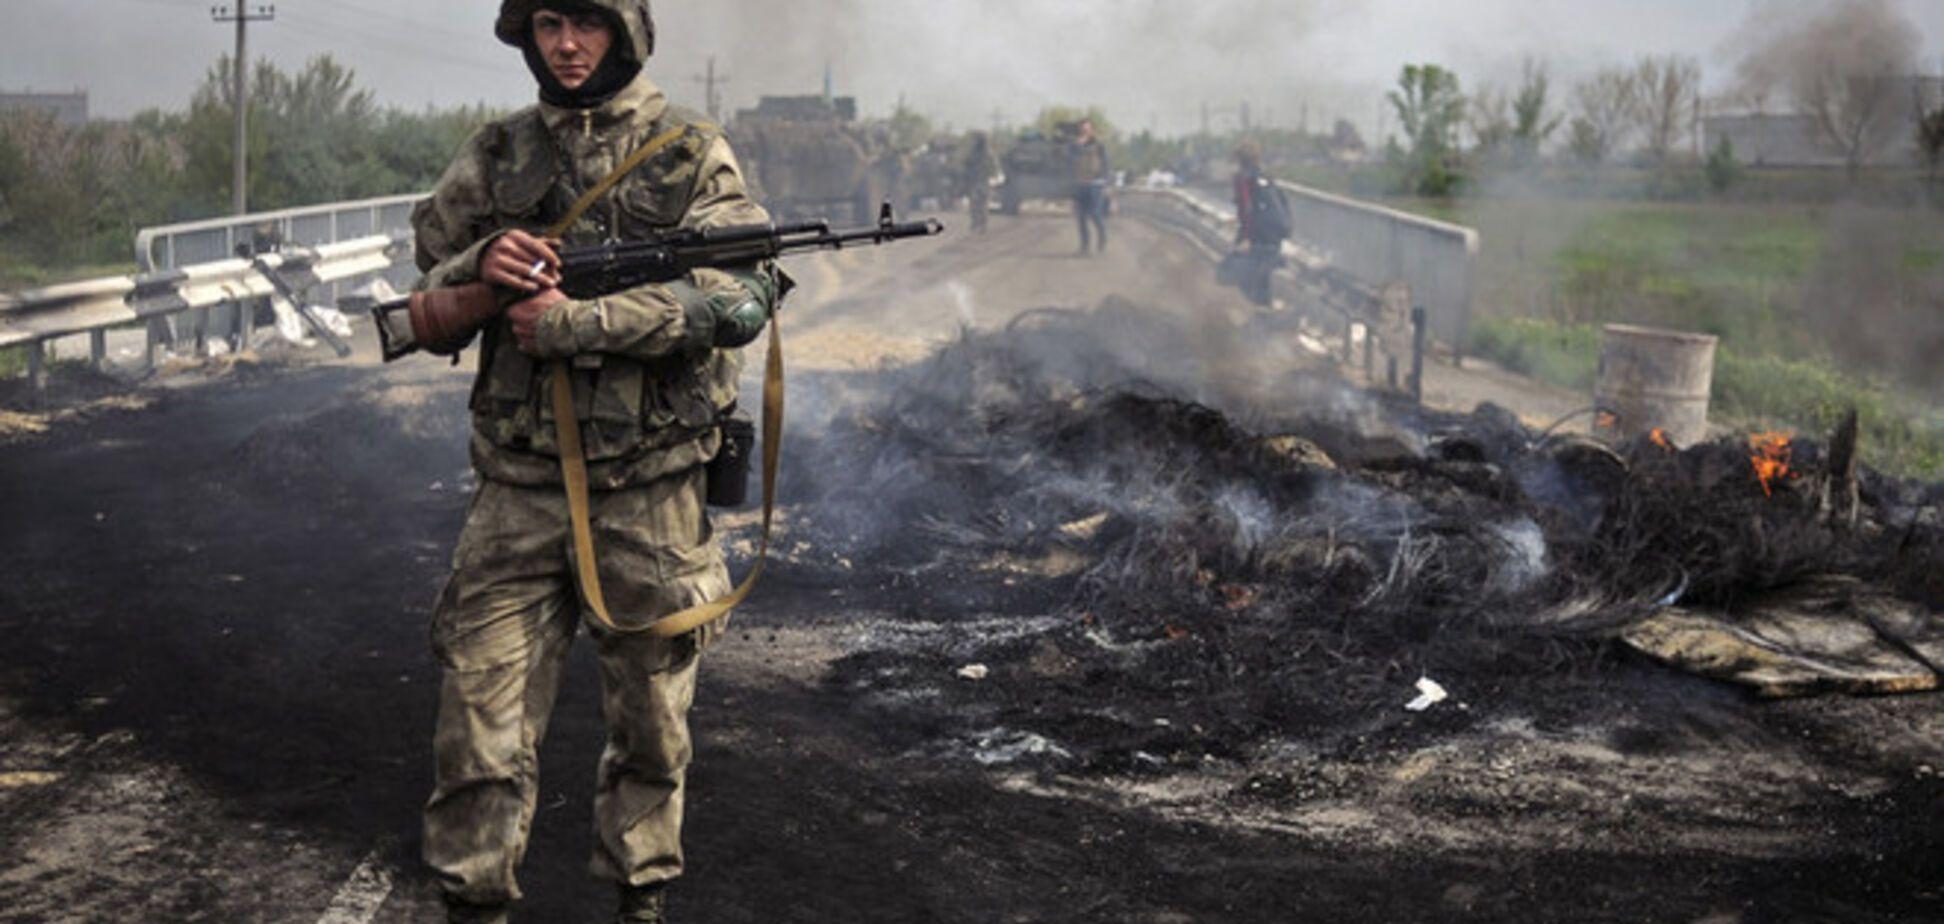 Пострадавшие бойцы АТО рассказали о предателях в своих рядах